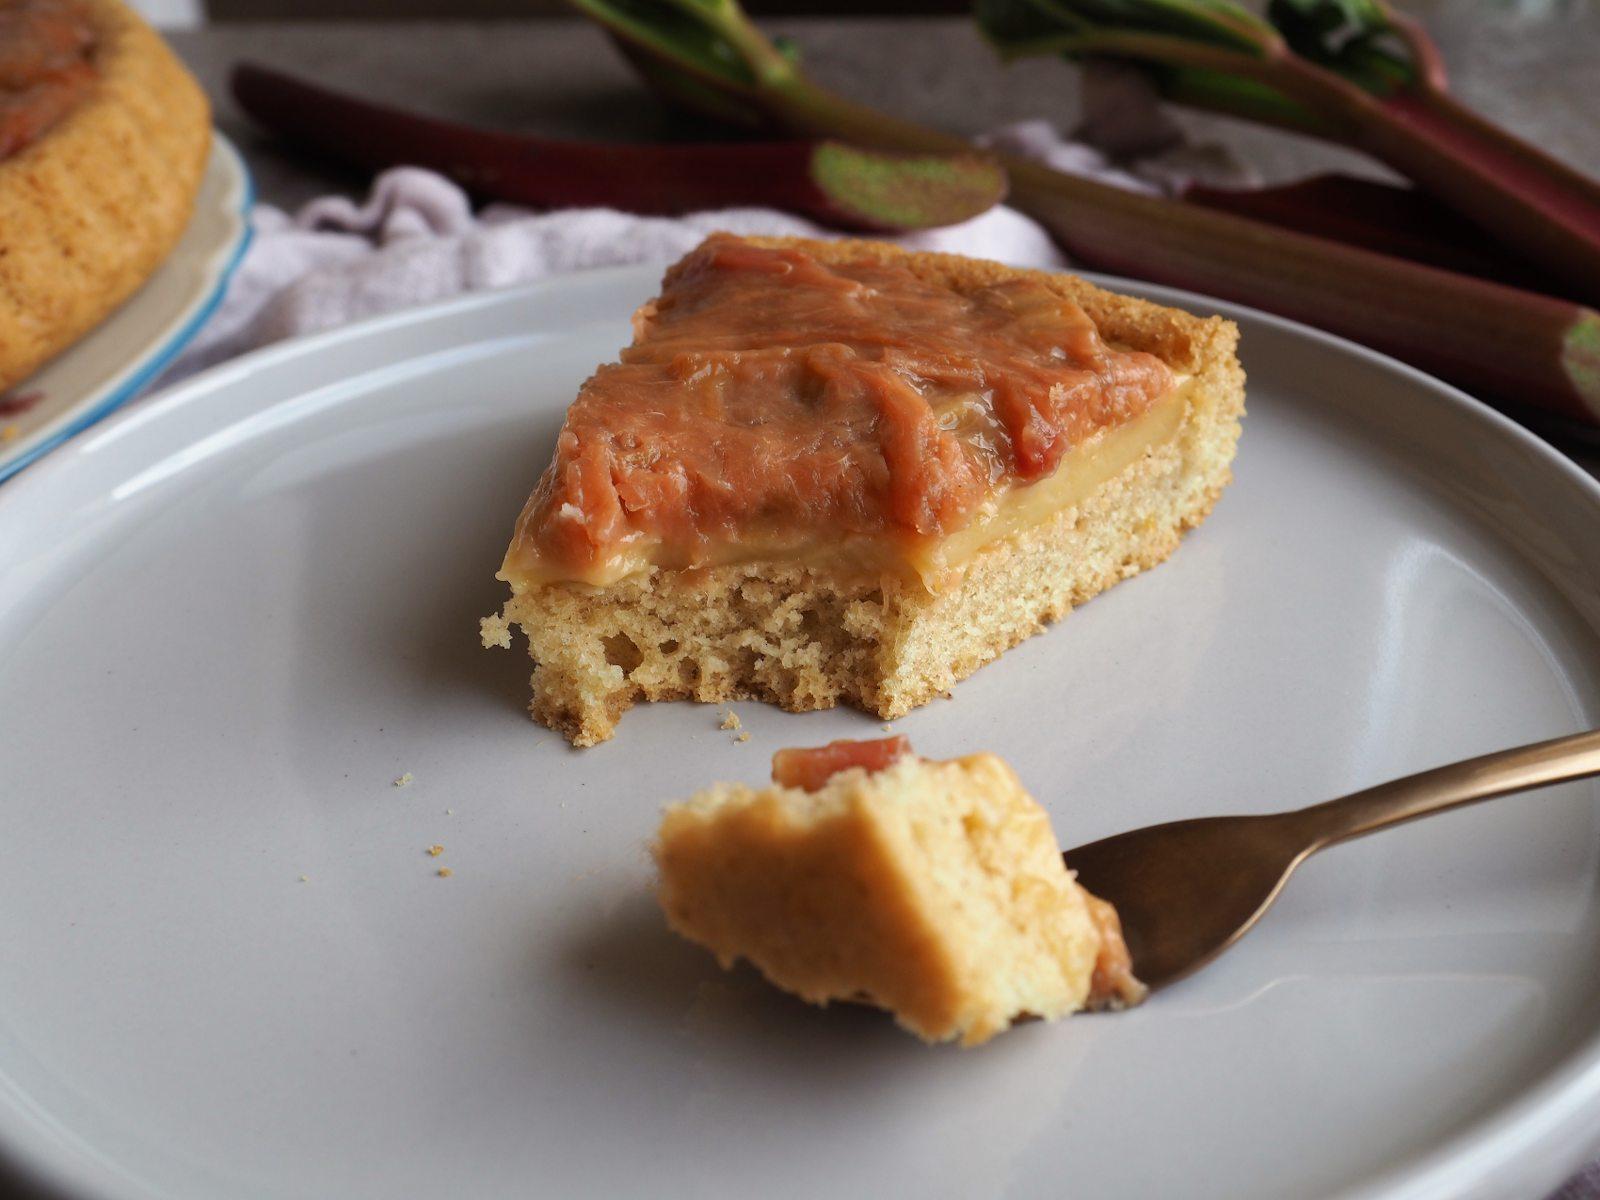 Veganer Rhabarberkuchen mit Pudding und Biskuitboden Details Anschnitt